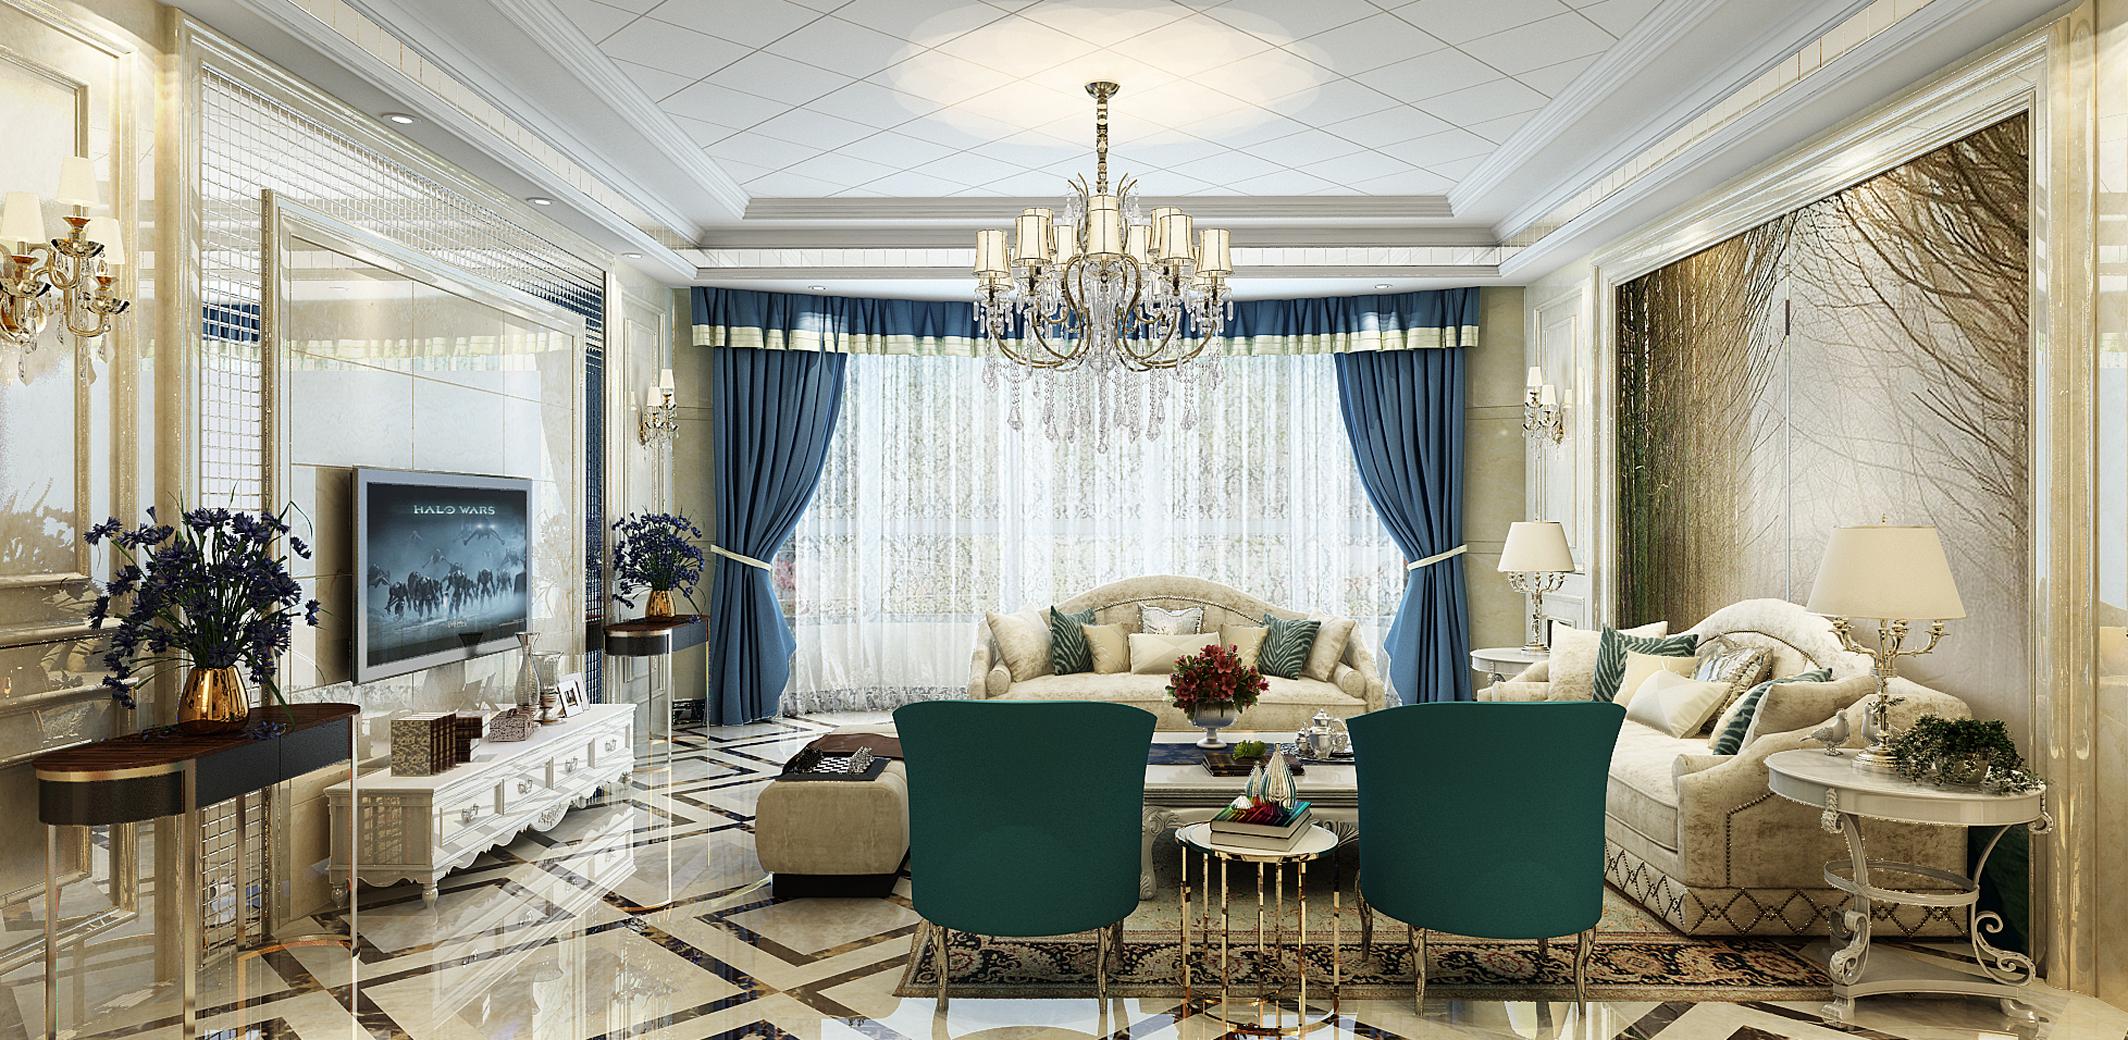 欧式豪华装修客厅效果图